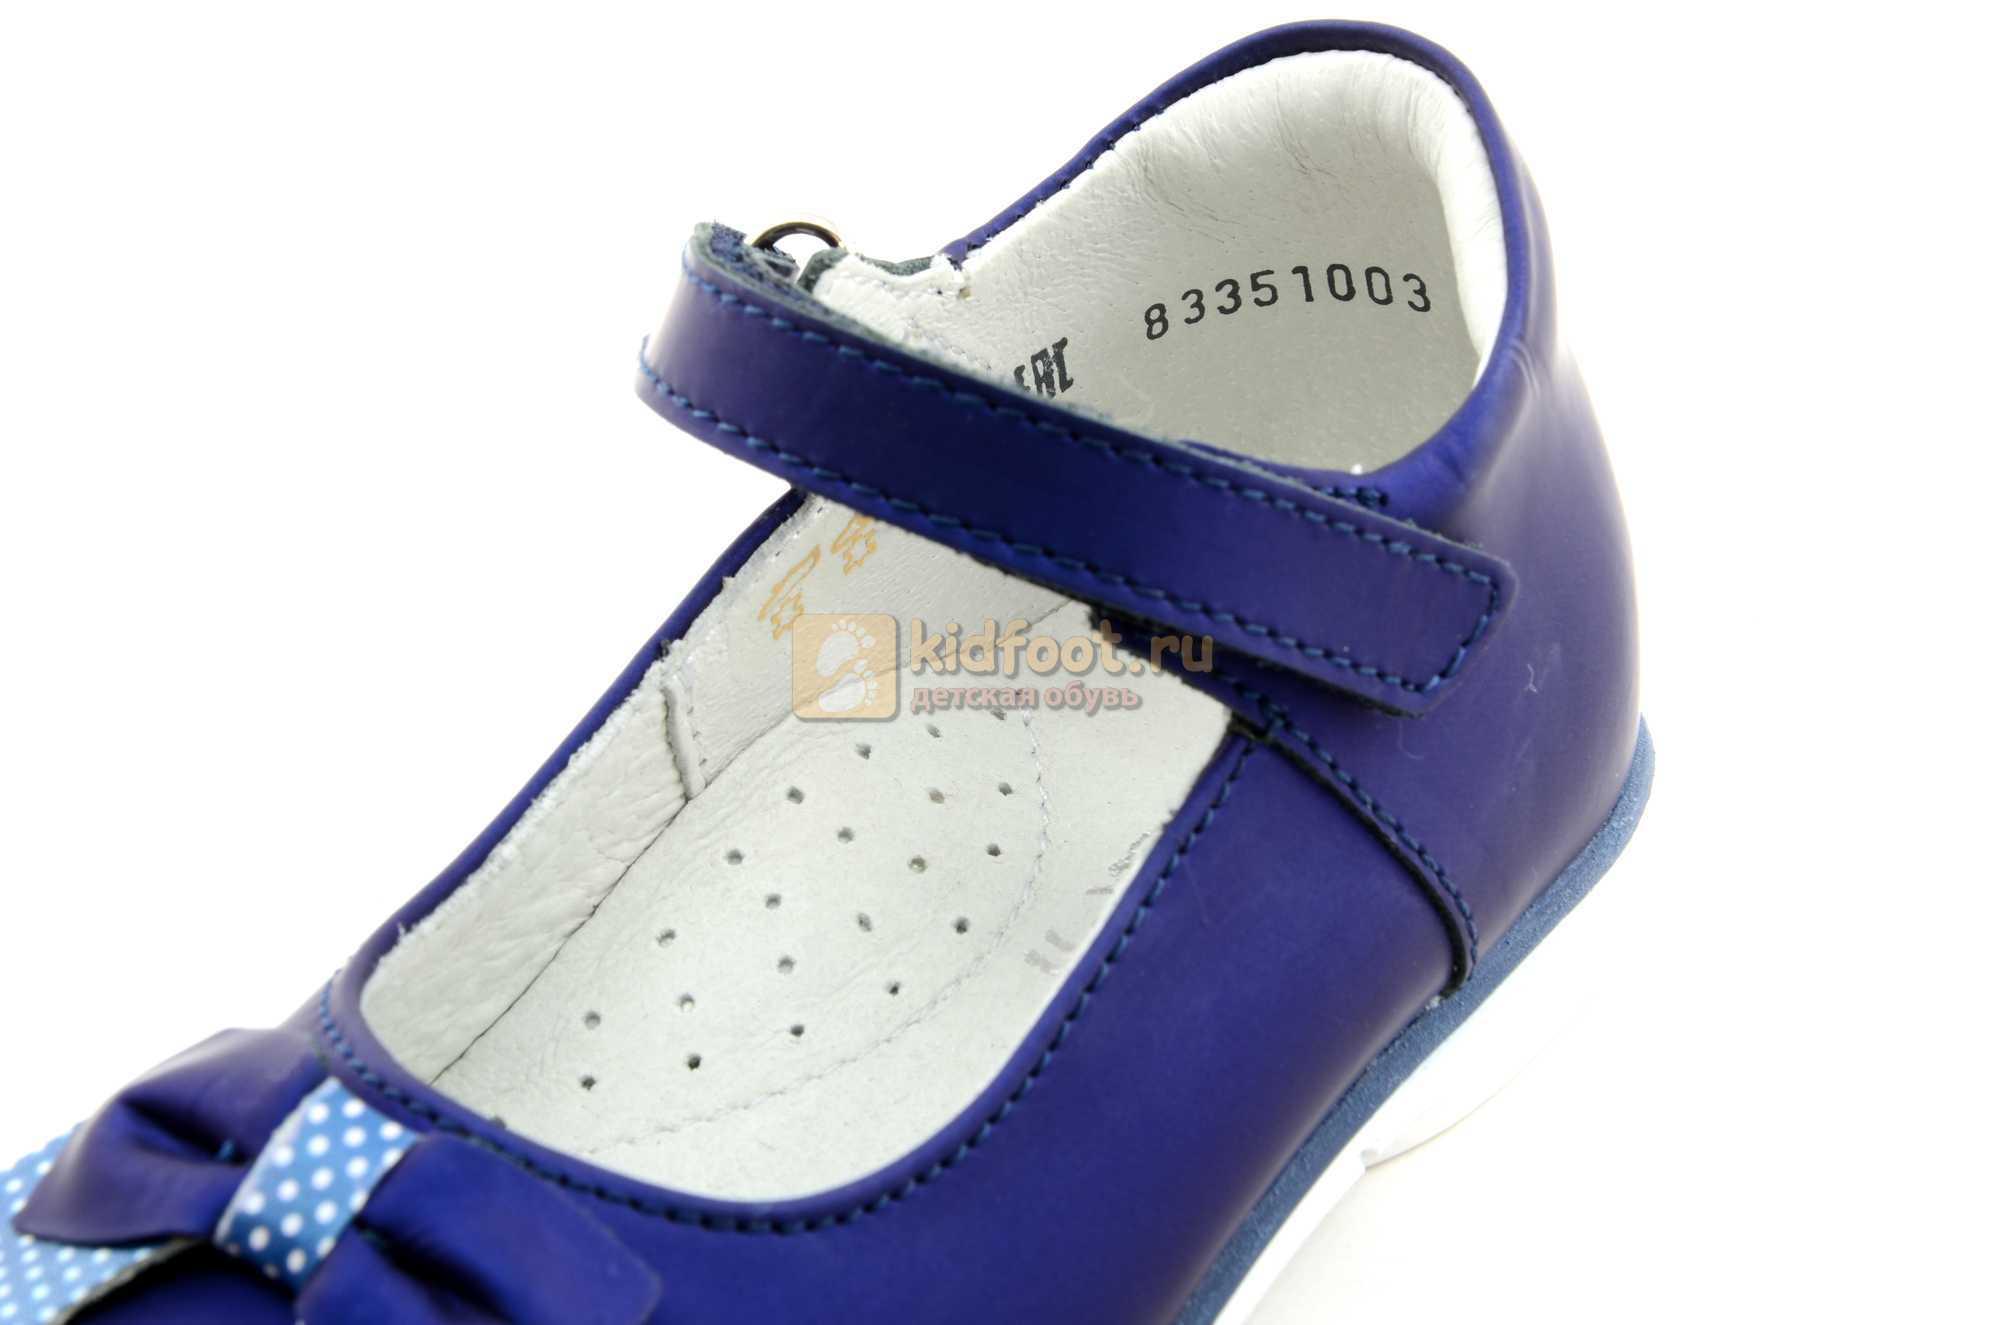 Туфли ELEGAMI (Элегами) из натуральной кожи для девочек, цвет темно синий металлик, артикул 7-83351003